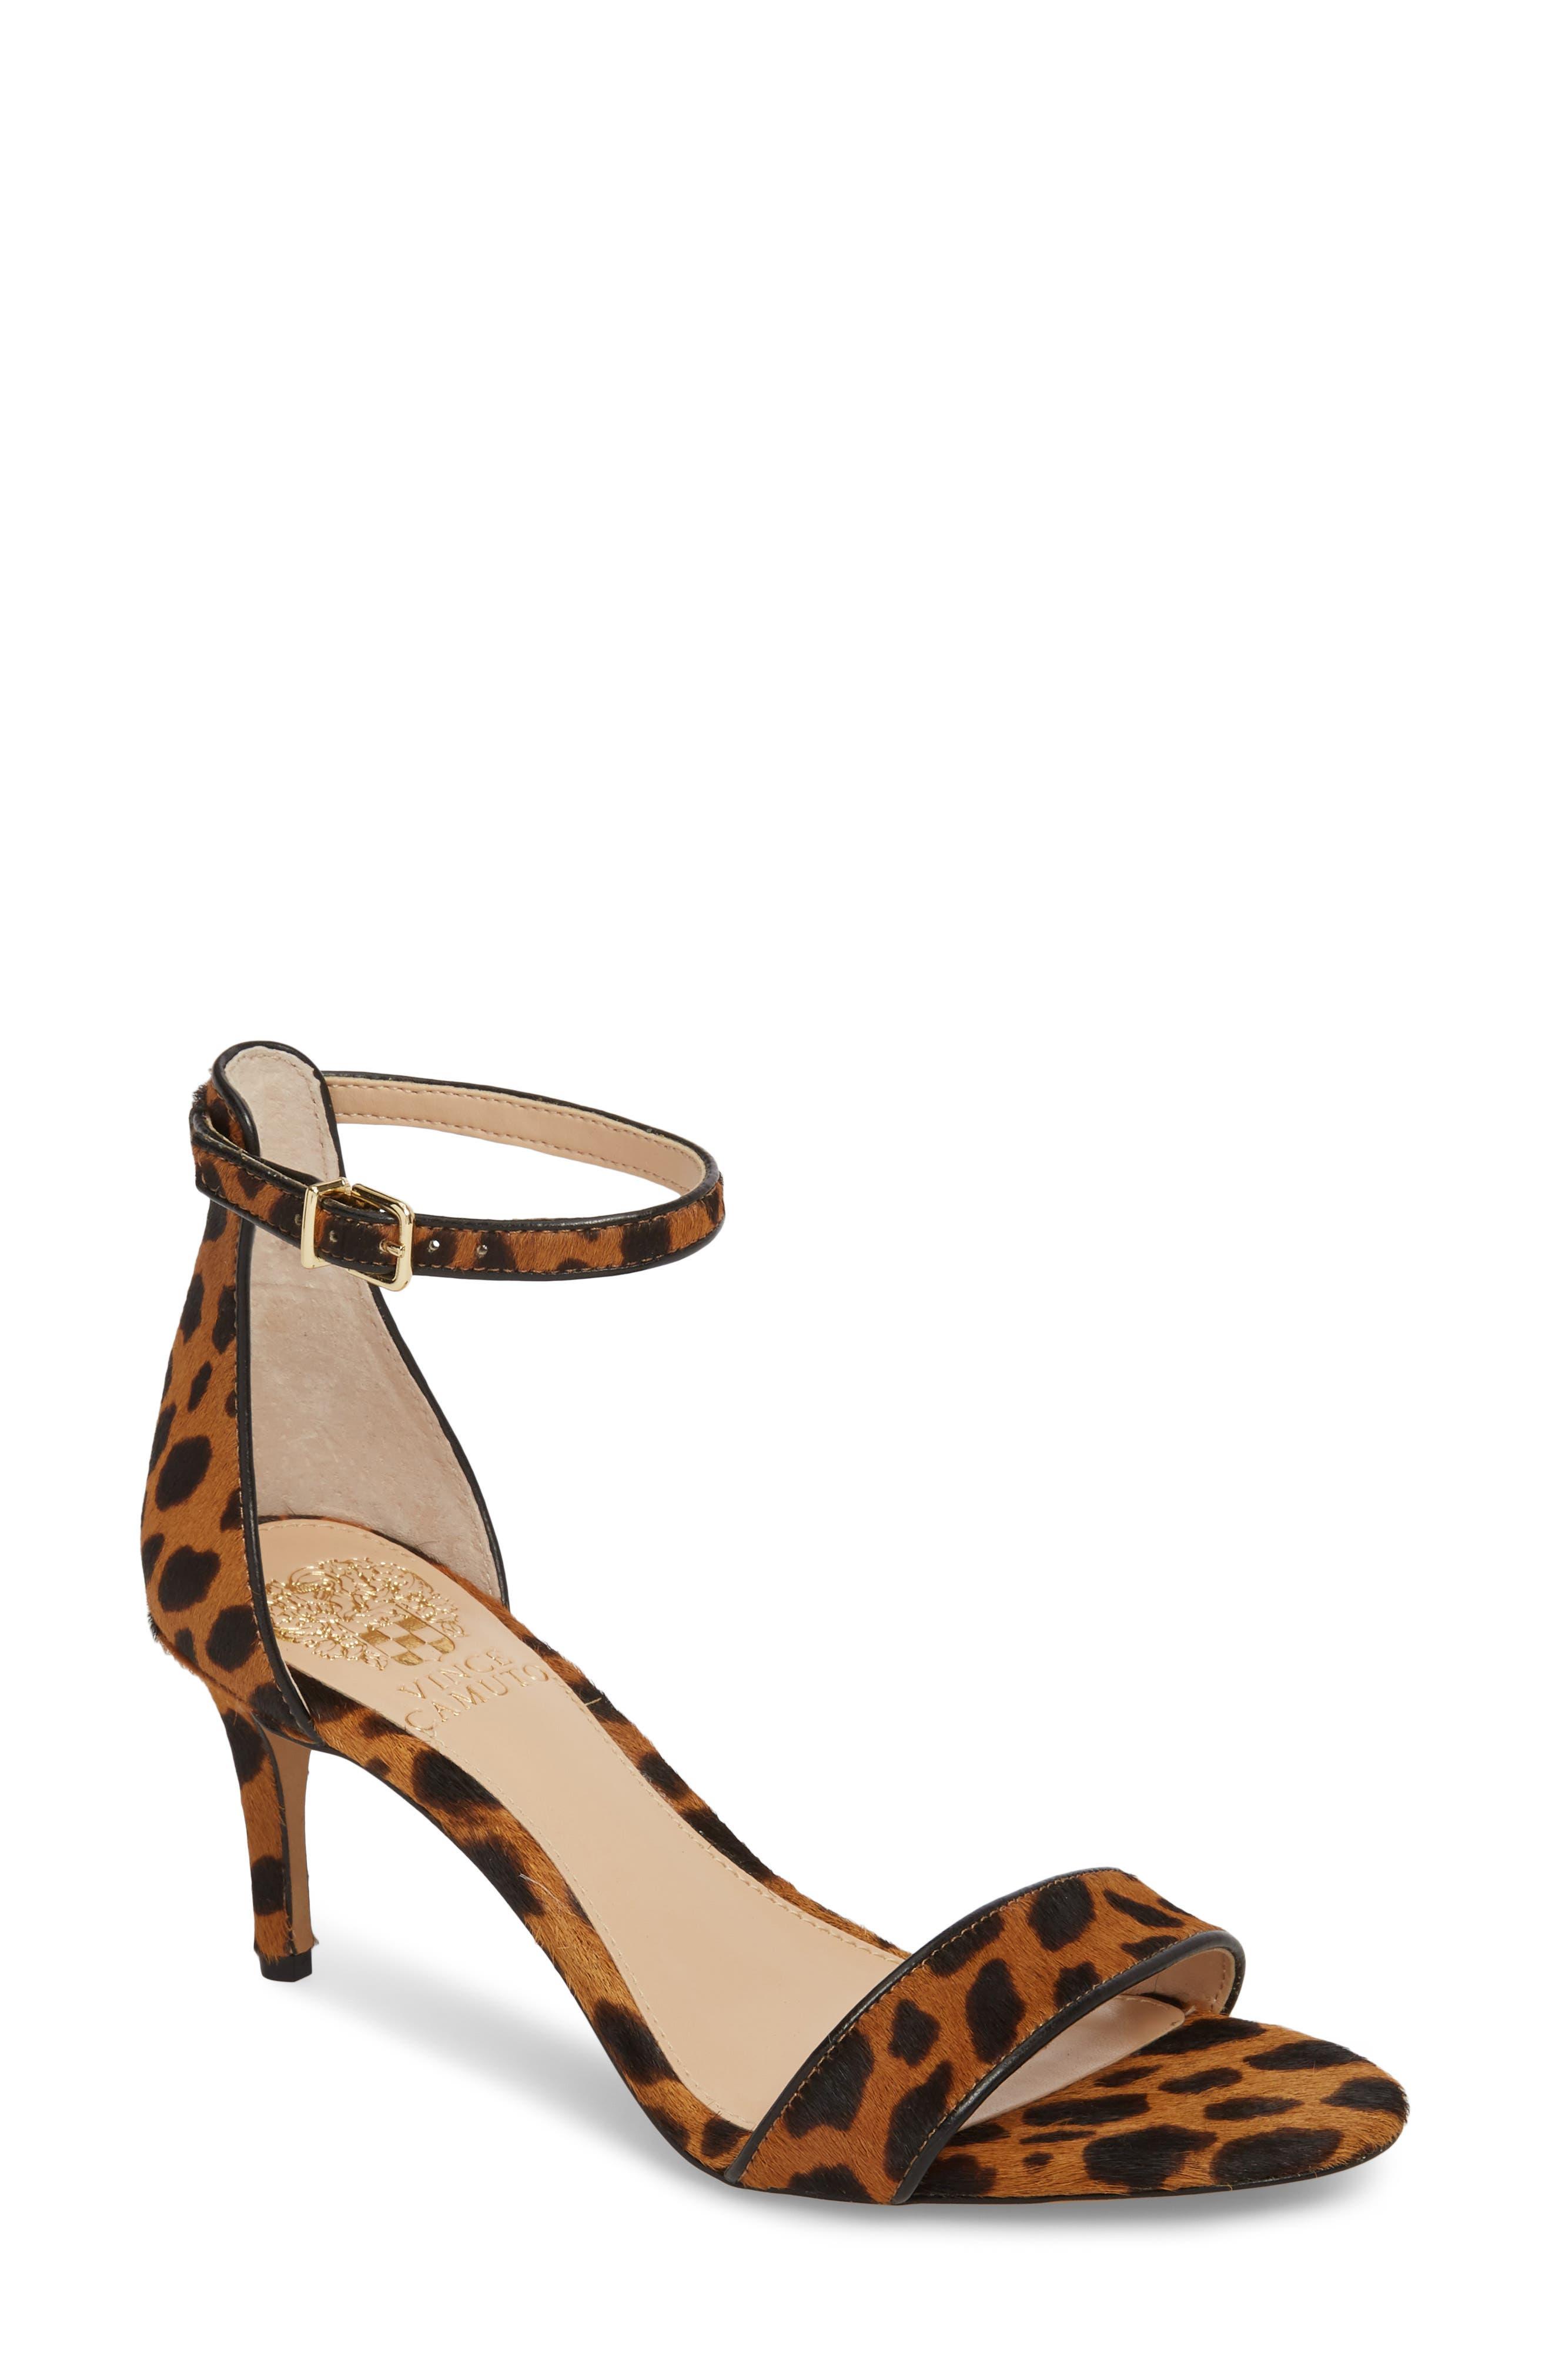 Main Image - Vince Camuto Sebatini Genuine Calf Hair Sandal (Women)